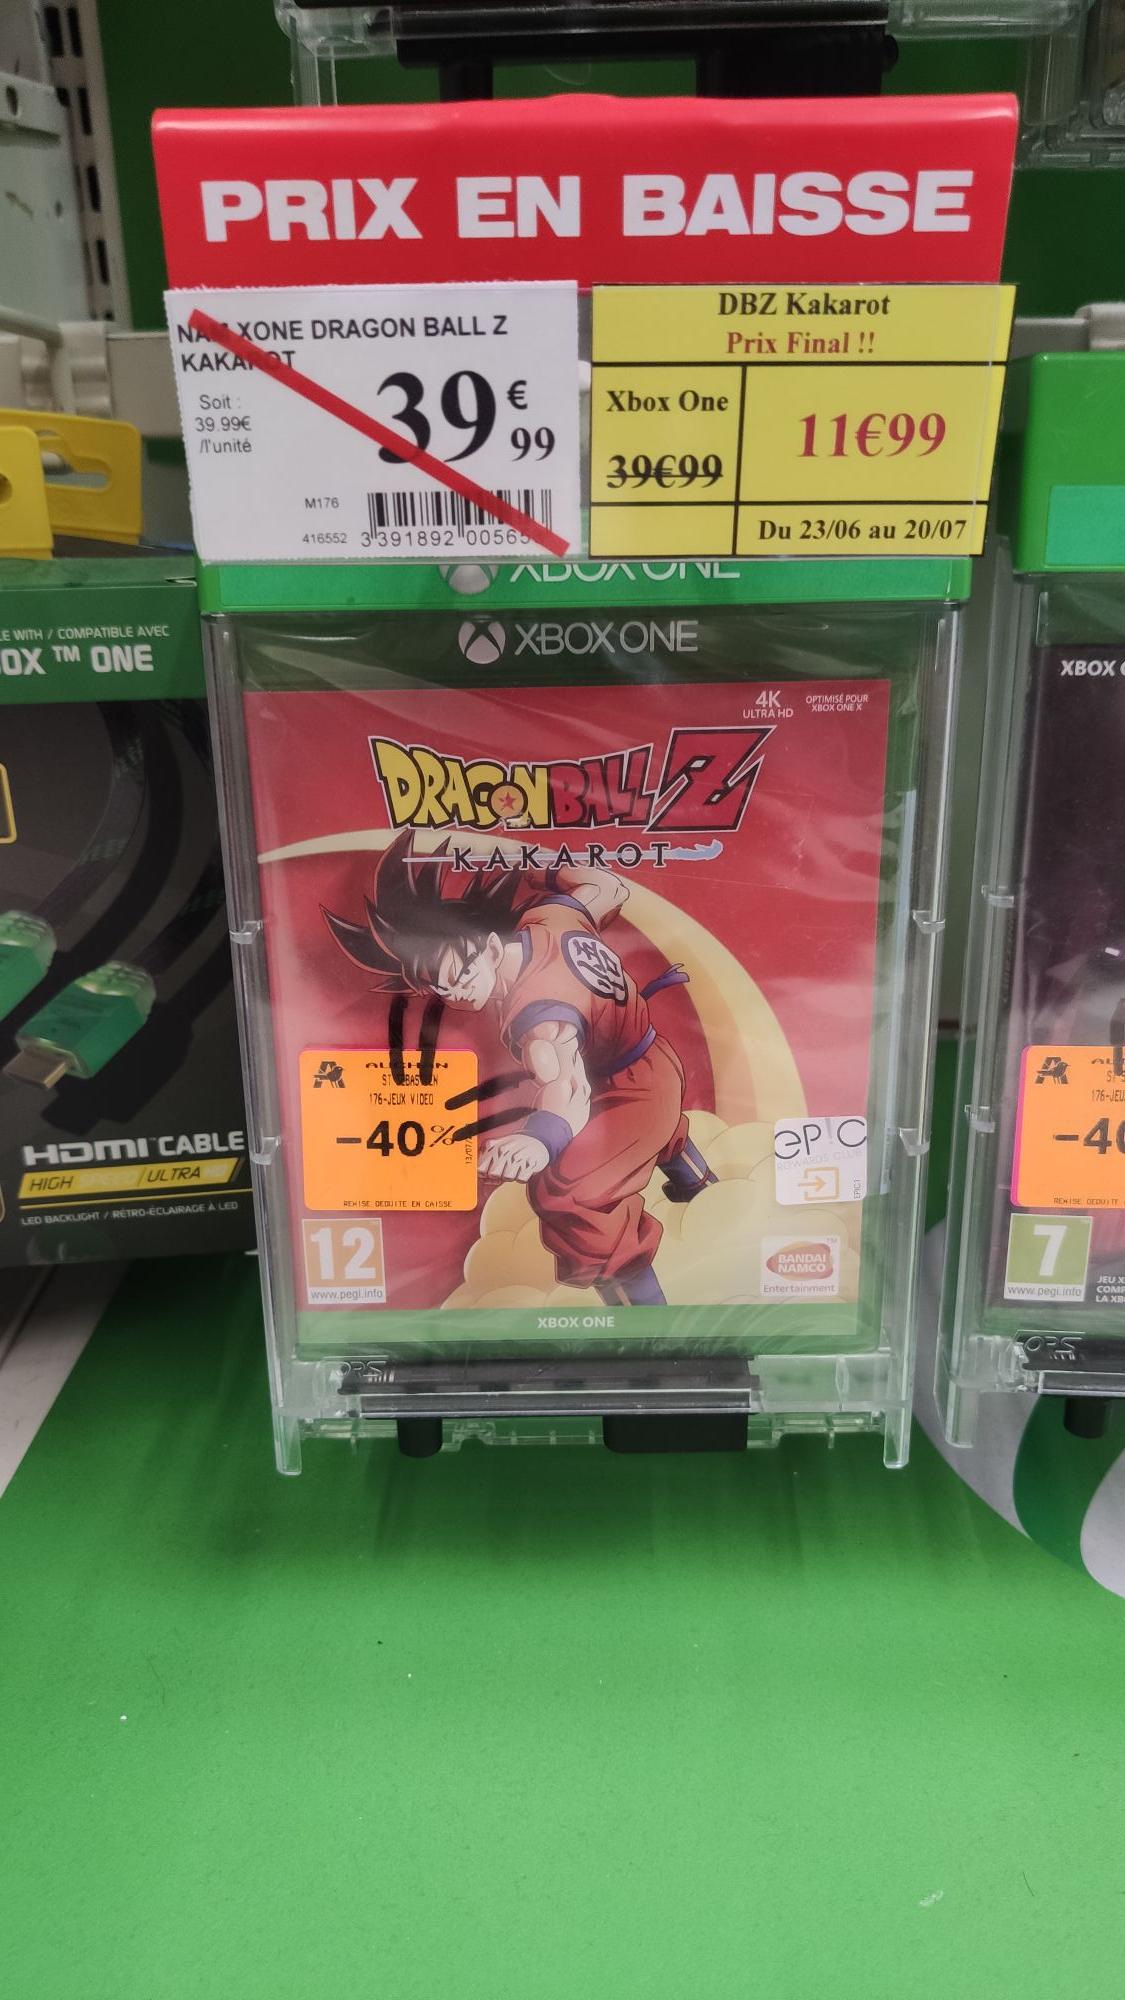 Sélection de jeux vidéo Xbox One en promotion - Ex : Dragon Ball Z Kakarot - St Sébastien sur Loire (44)